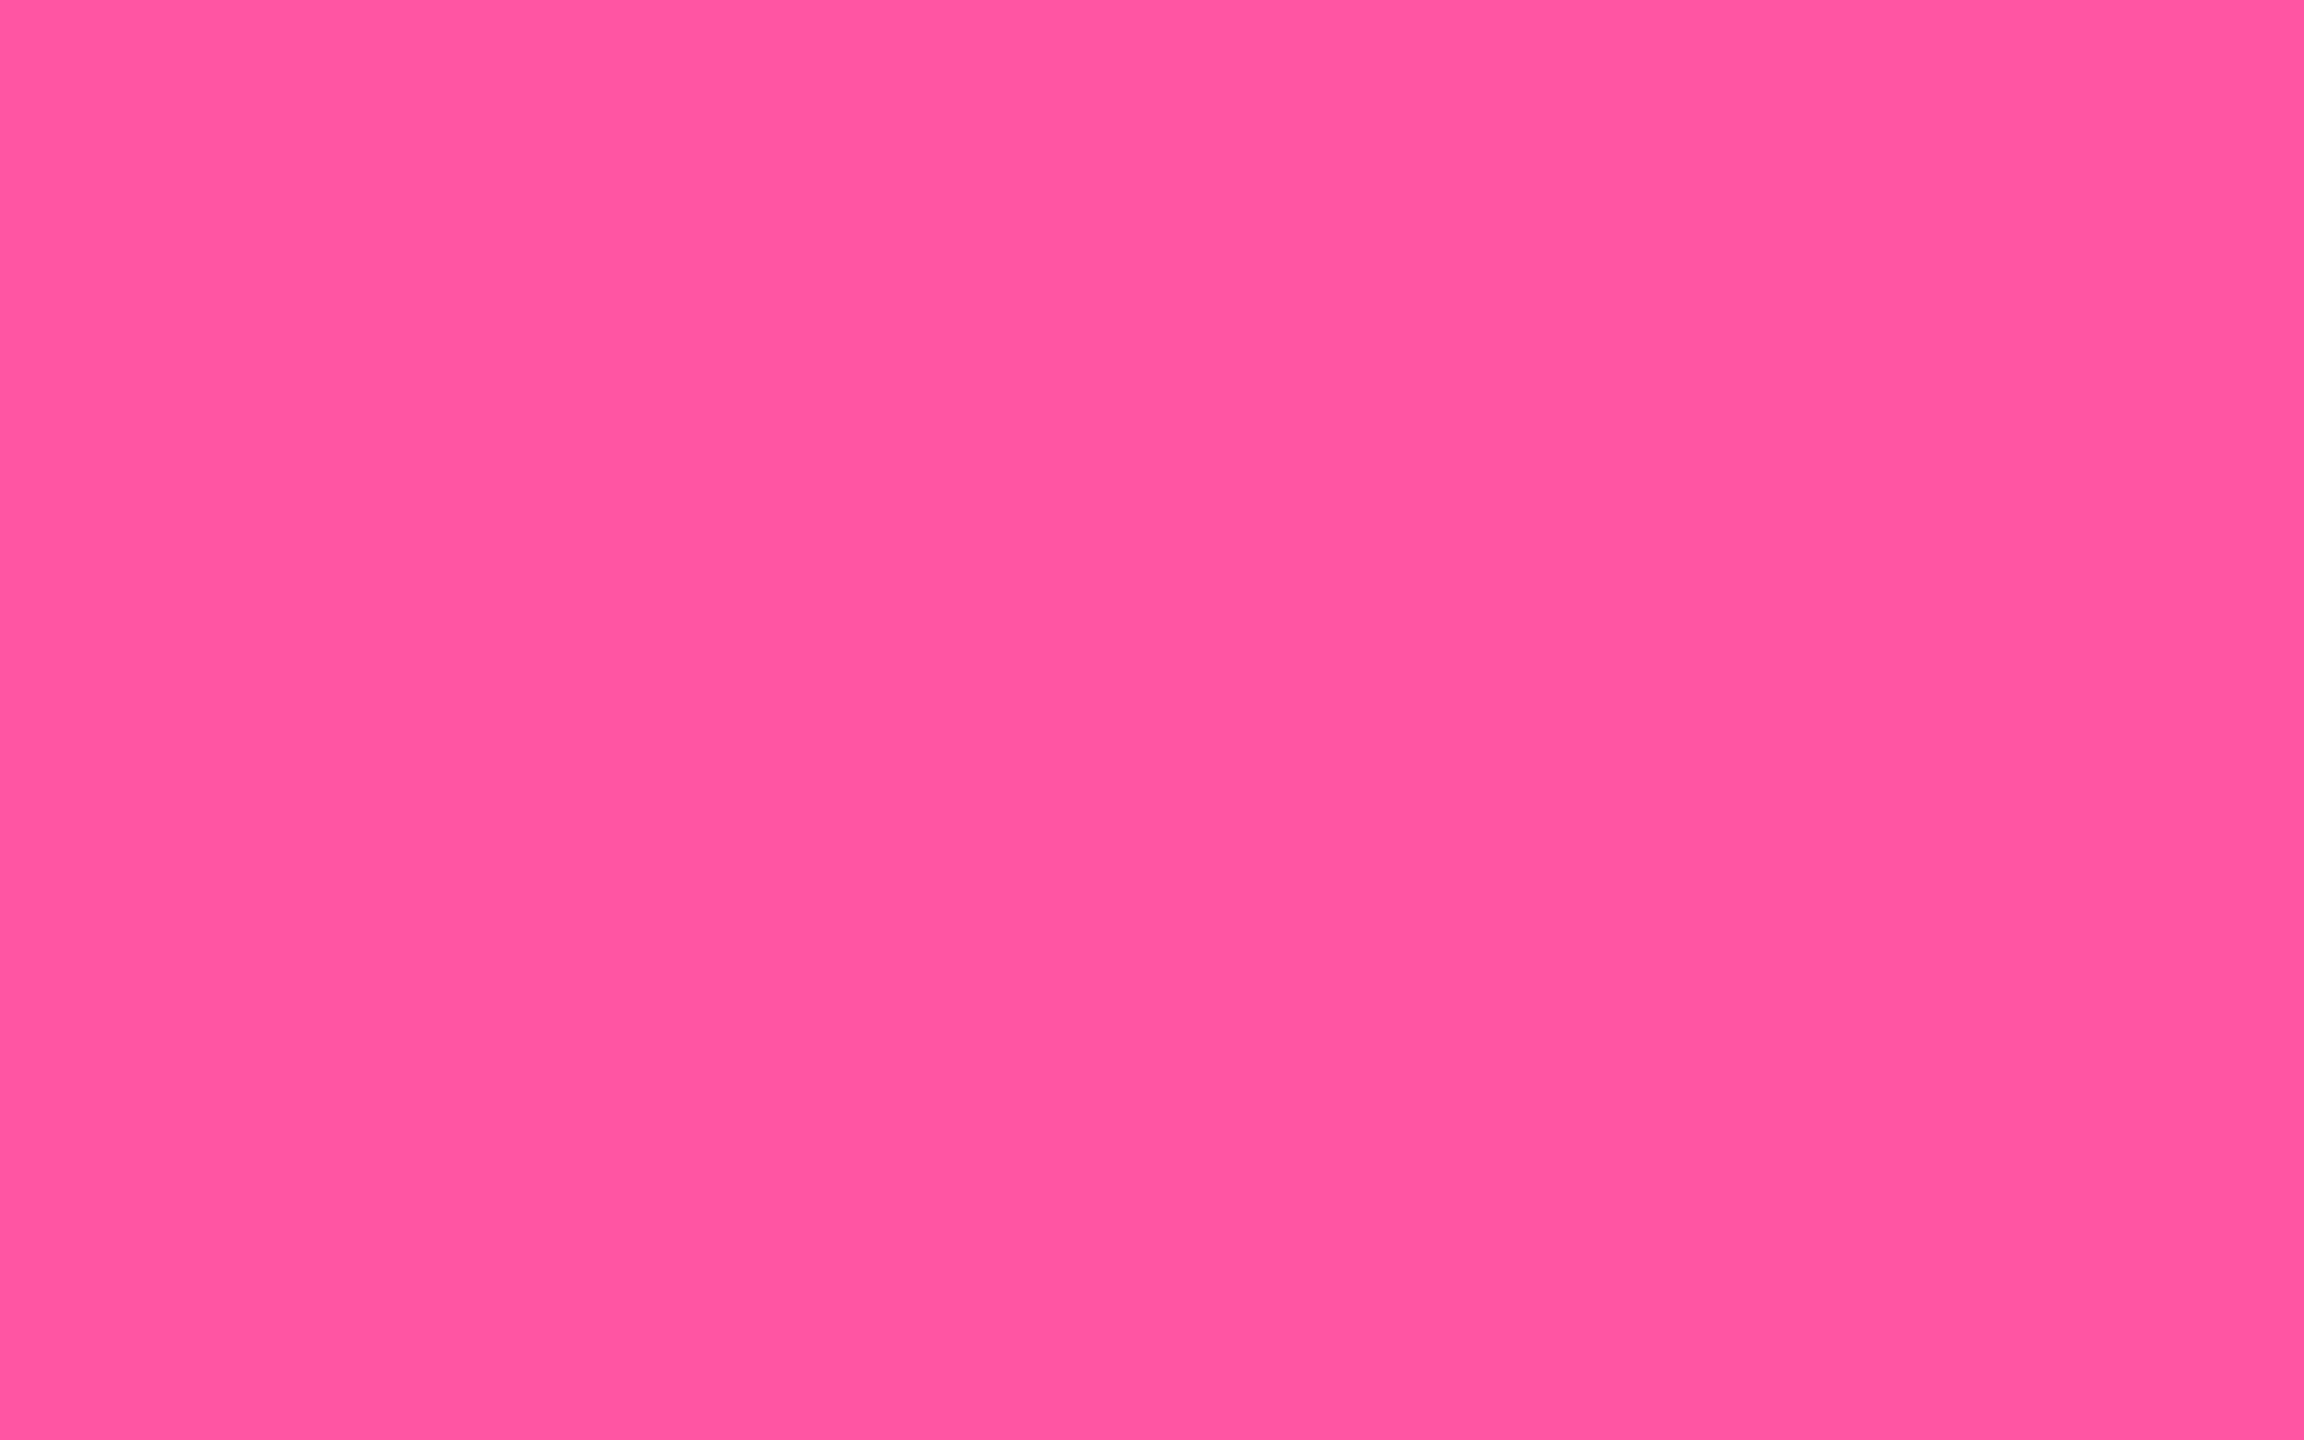 2304x1440 Magenta Crayola Solid Color Background